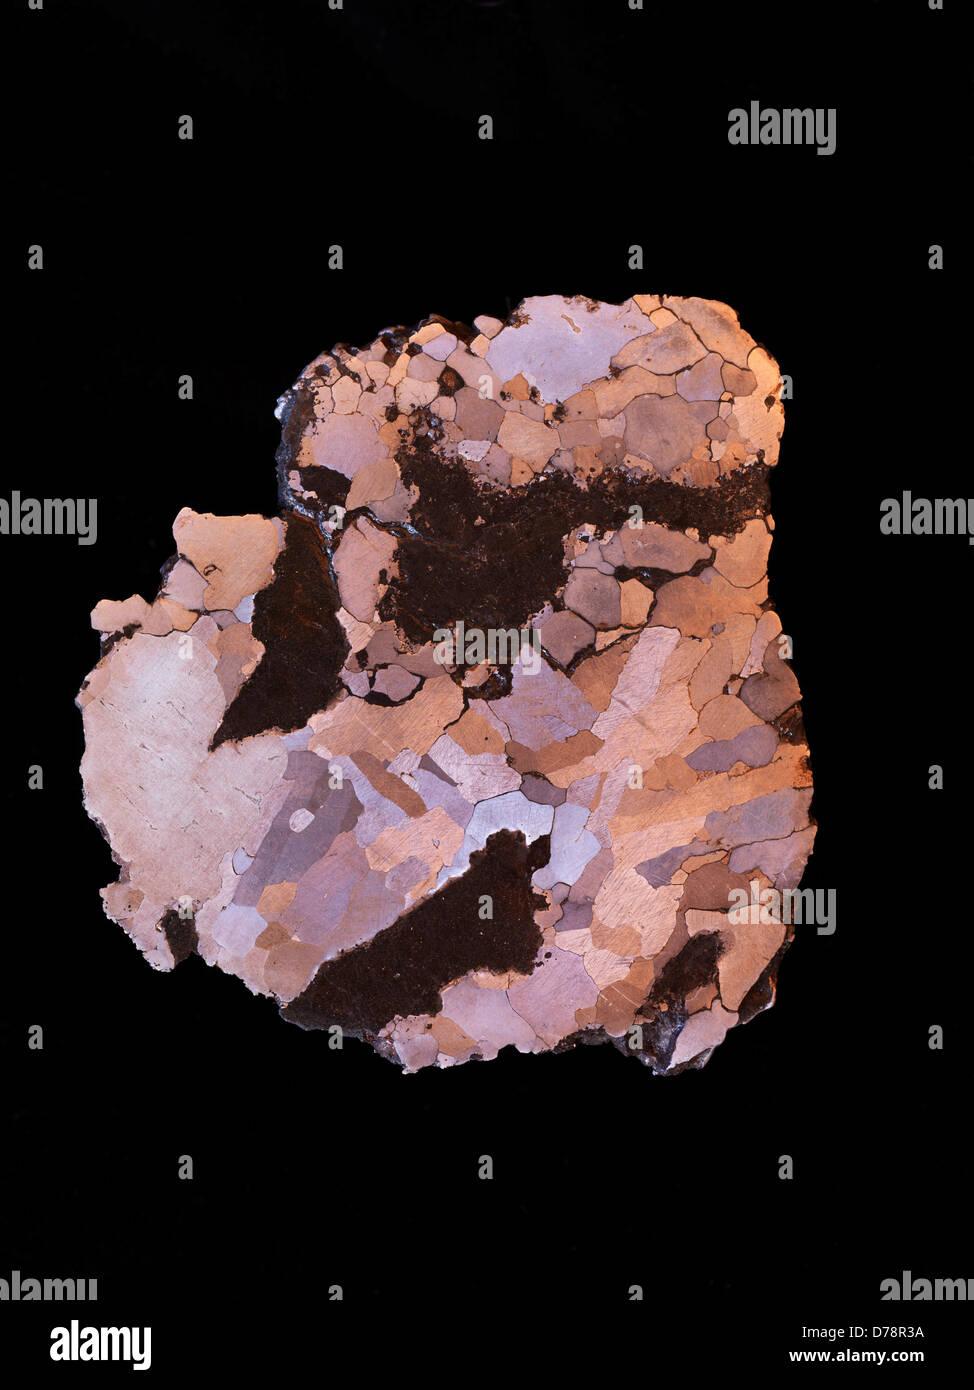 In Campo del Cielo meteorite ferroso dello strato lucido inciso per mostrare la struttura Widmanstatten grandi cristalli Immagini Stock